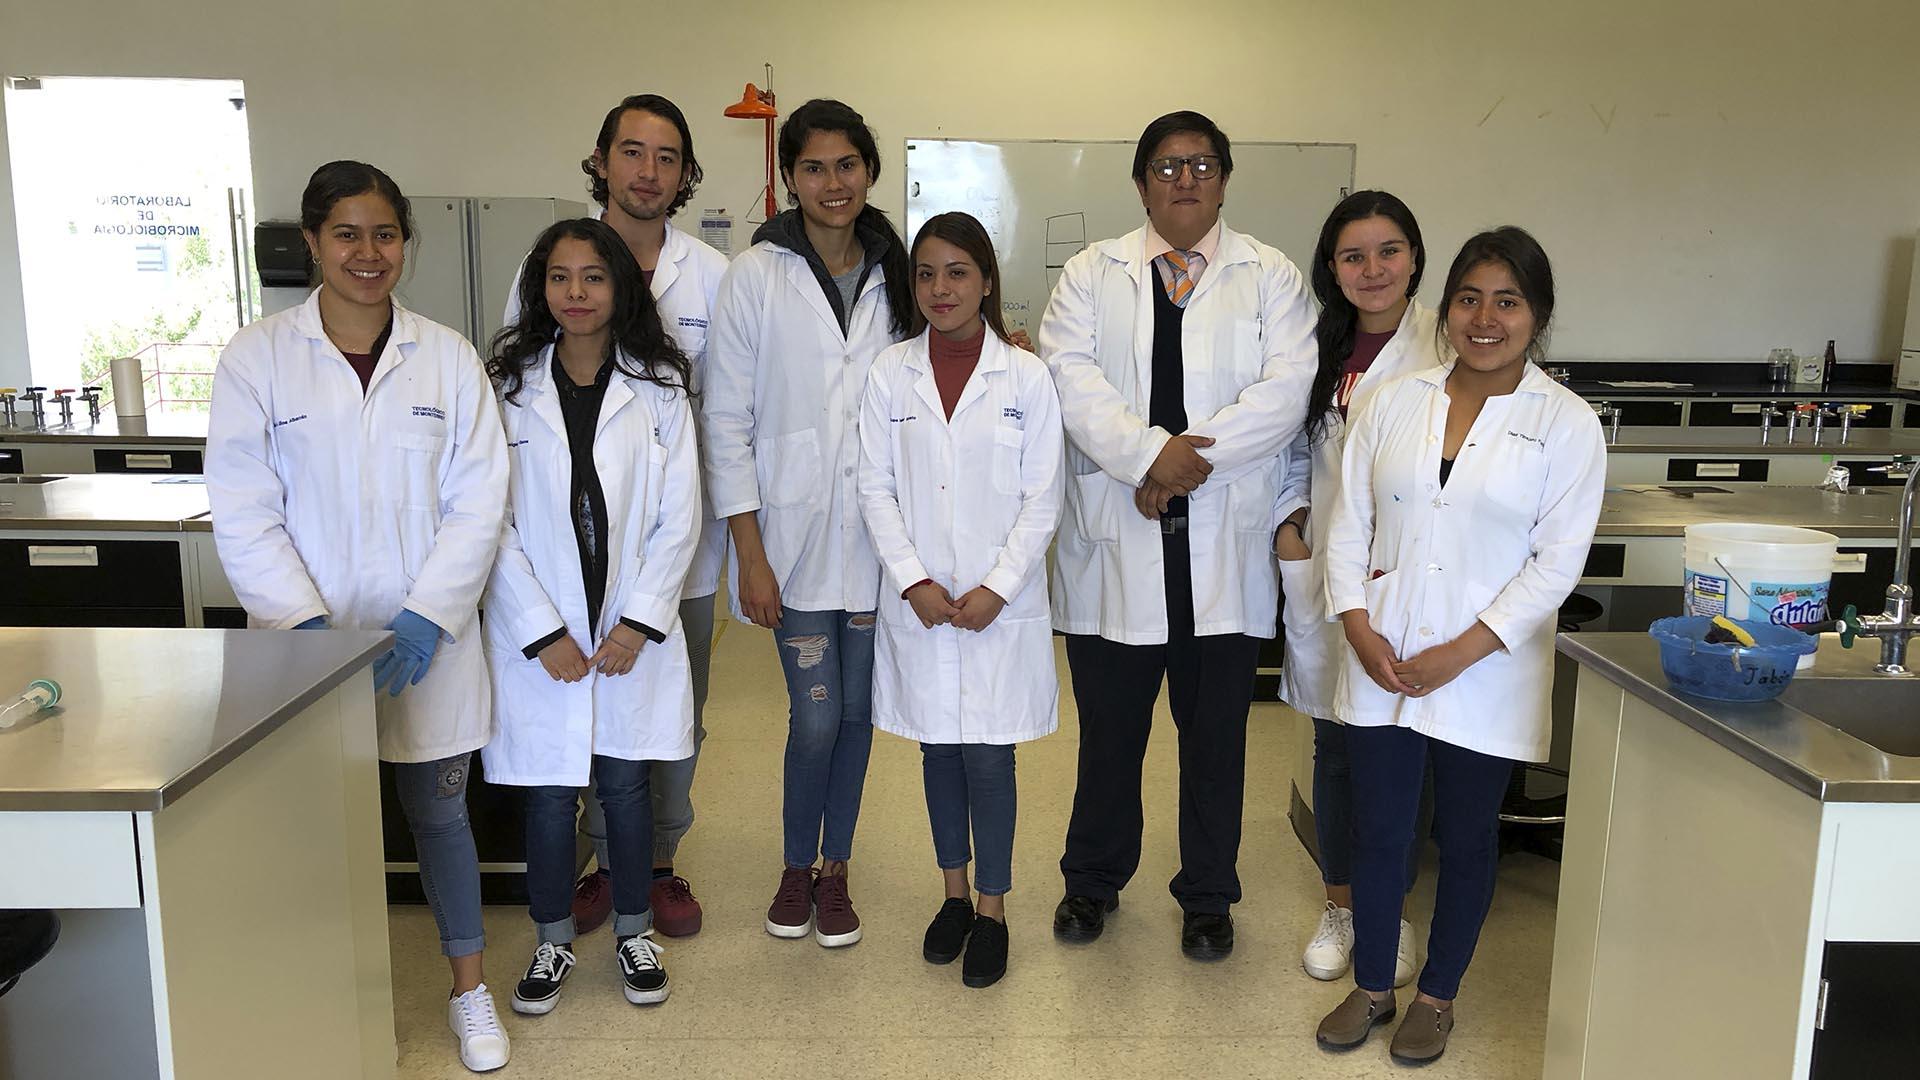 ¡Con ajo y toloache! Alumnos combaten enfermedades gastrointestinales